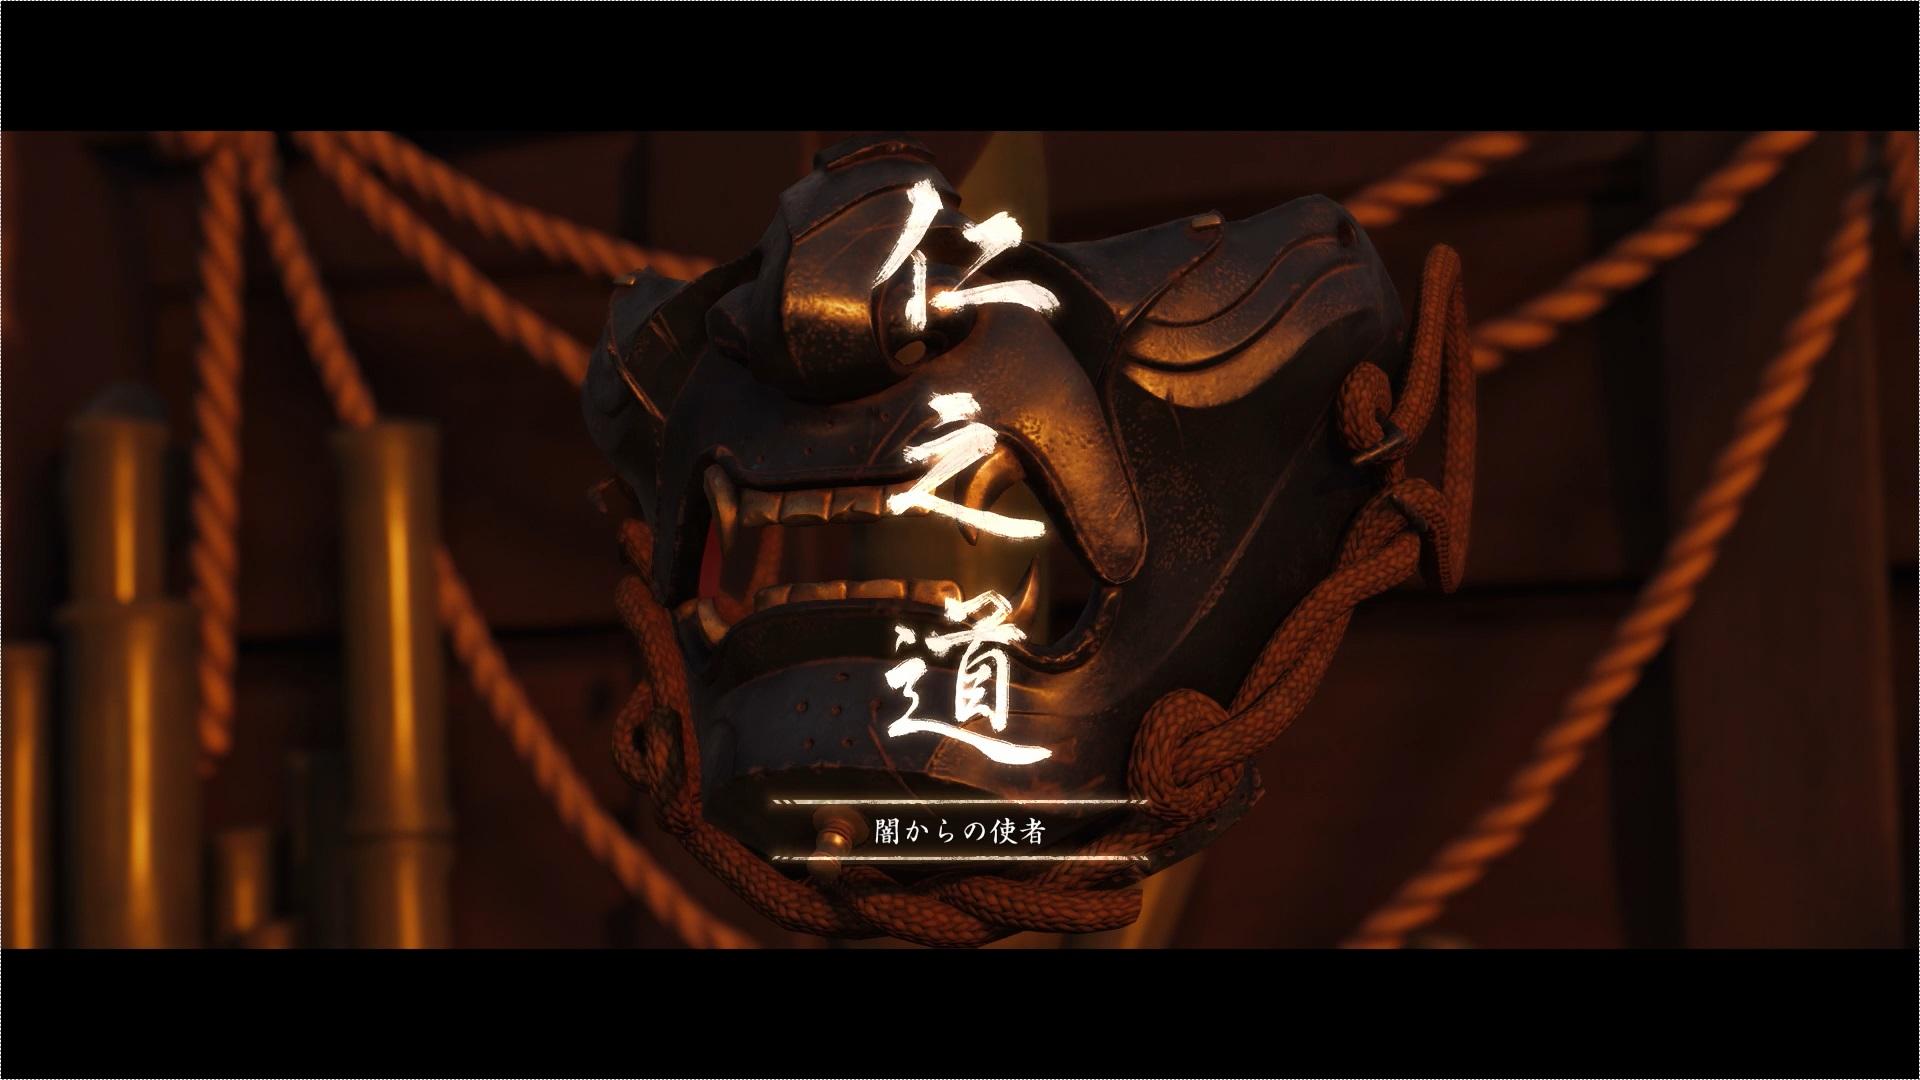 志村殿とは道を違え、毒を盛って蒙古兵を倒し志村城を奪還することになった仁。たかの遺作の冥人の鎧を着て単身城に忍び込みます。